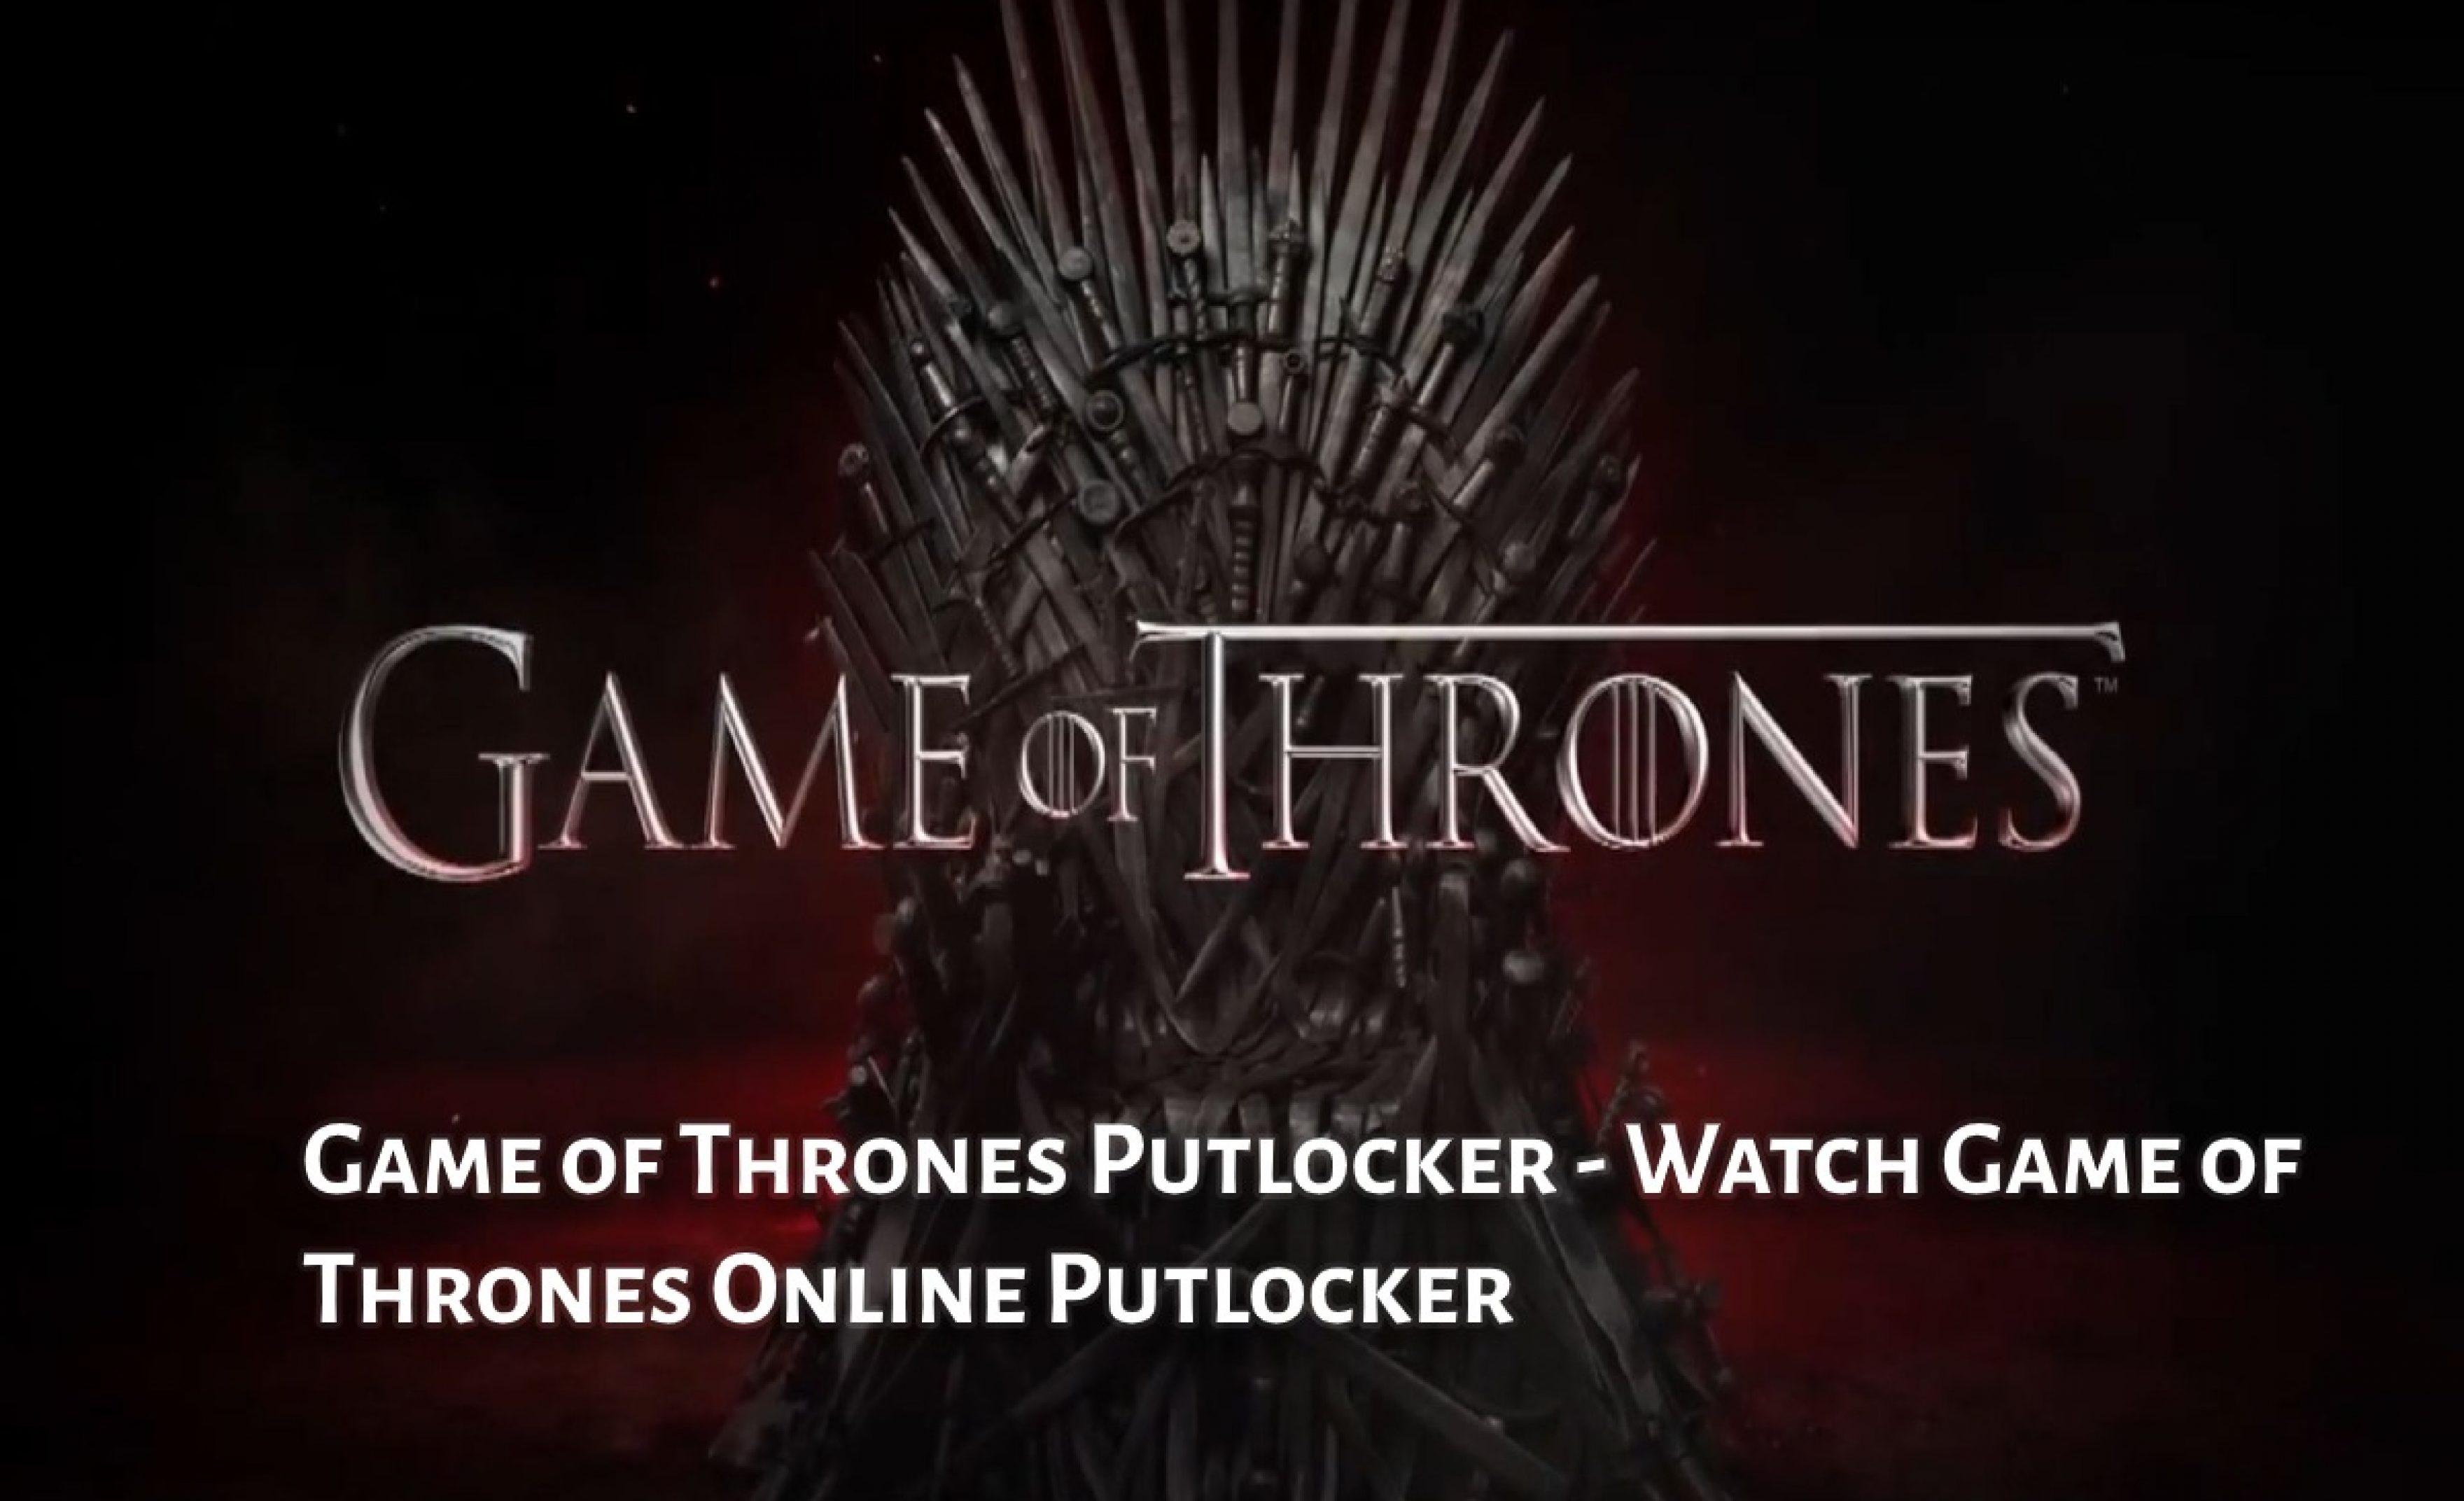 Game Of Thrones Putlocker Watch Game Of Thrones Online Putlocker